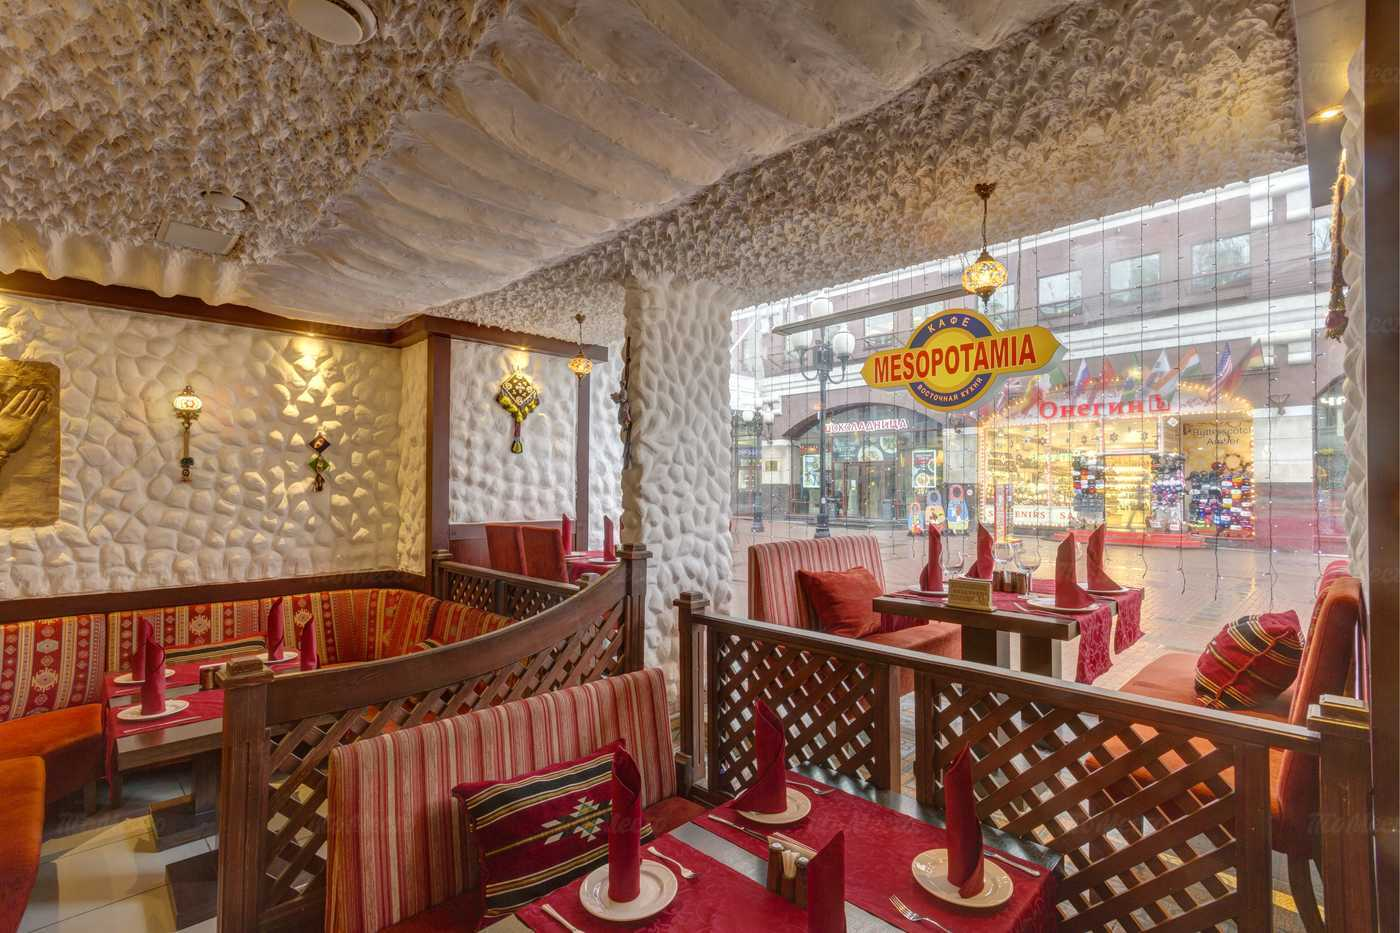 Ресторан Месопотамия на Арбате фото 9